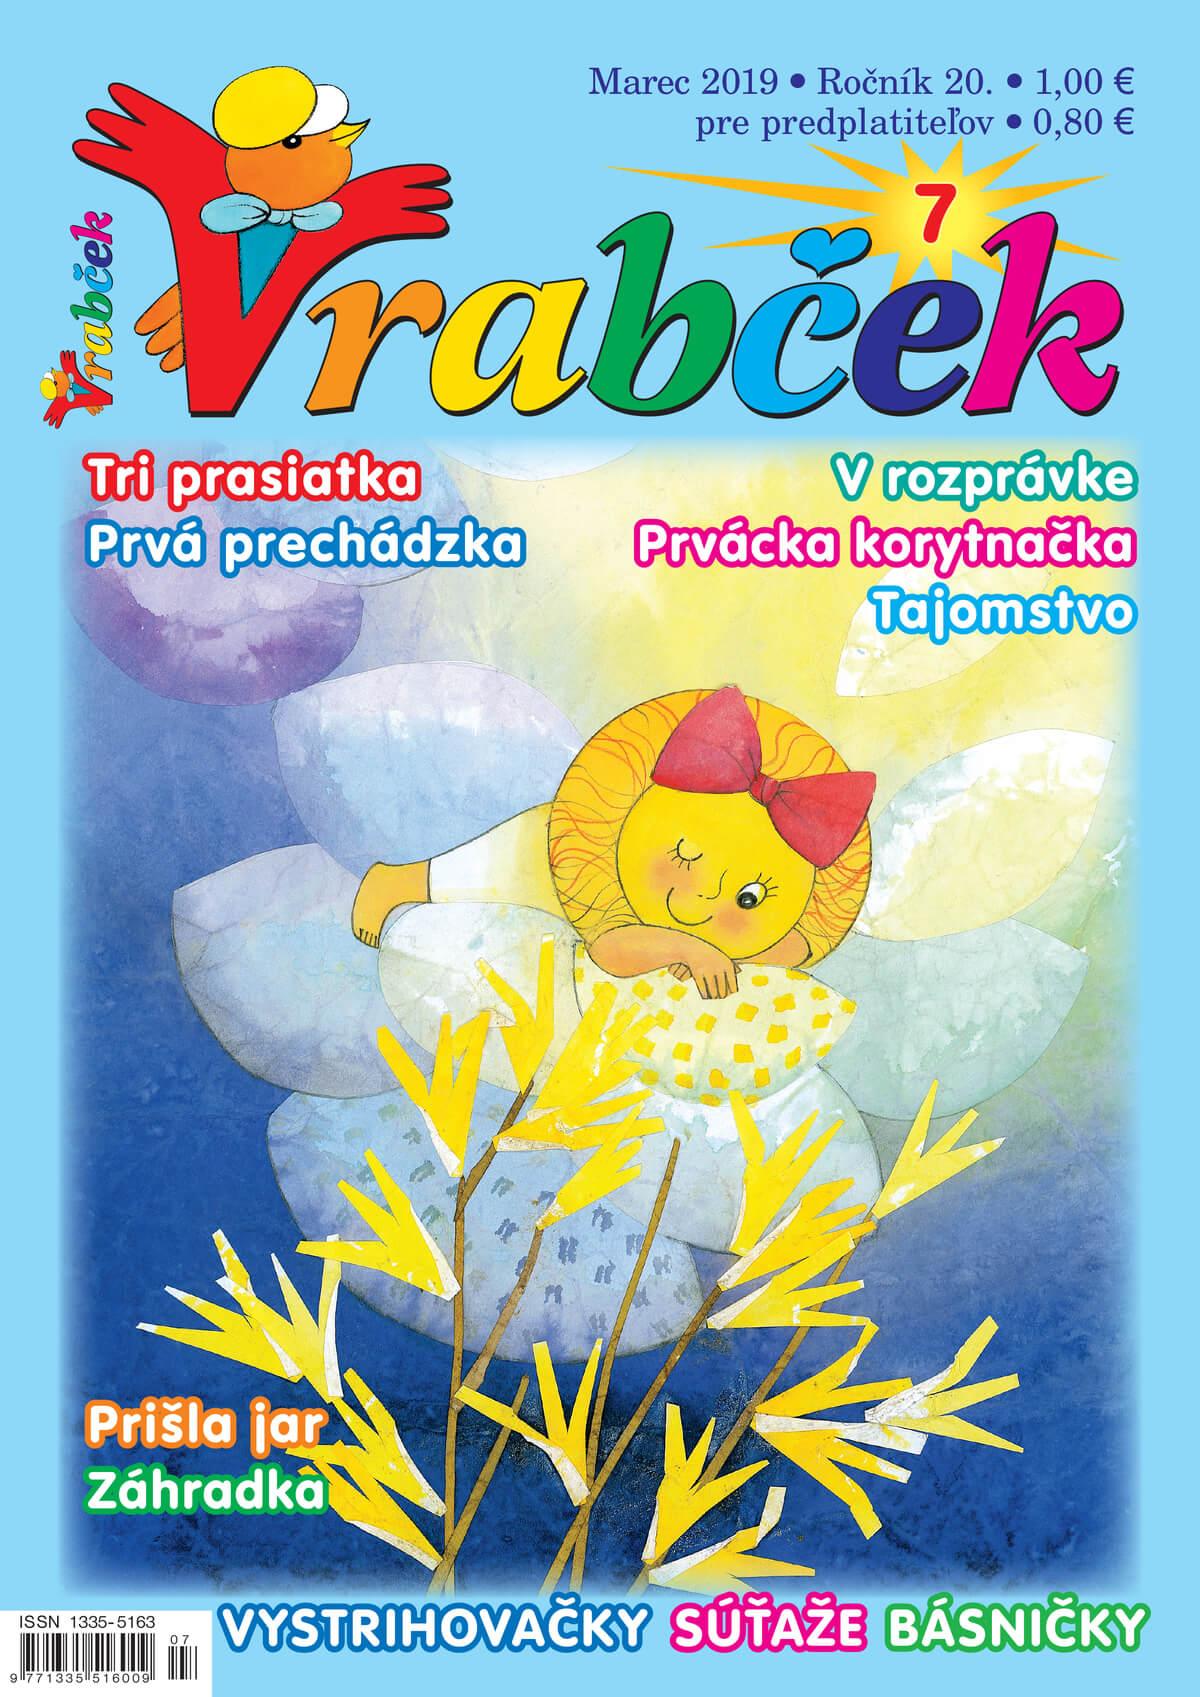 časopis Vrabček marec 2019 obálka